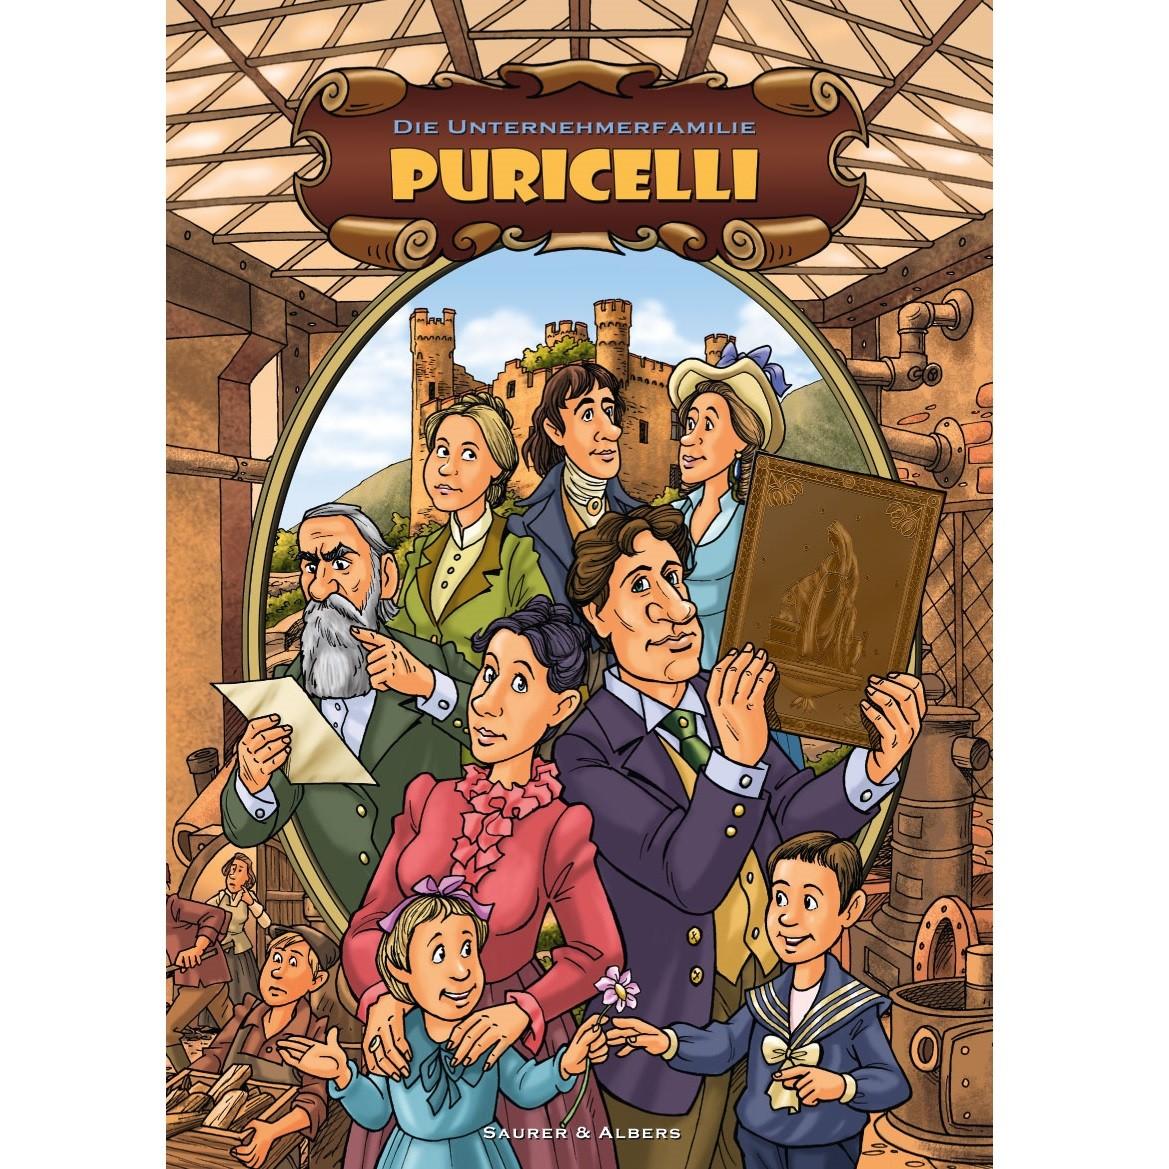 Die Unternehmerfamilie Puricelli